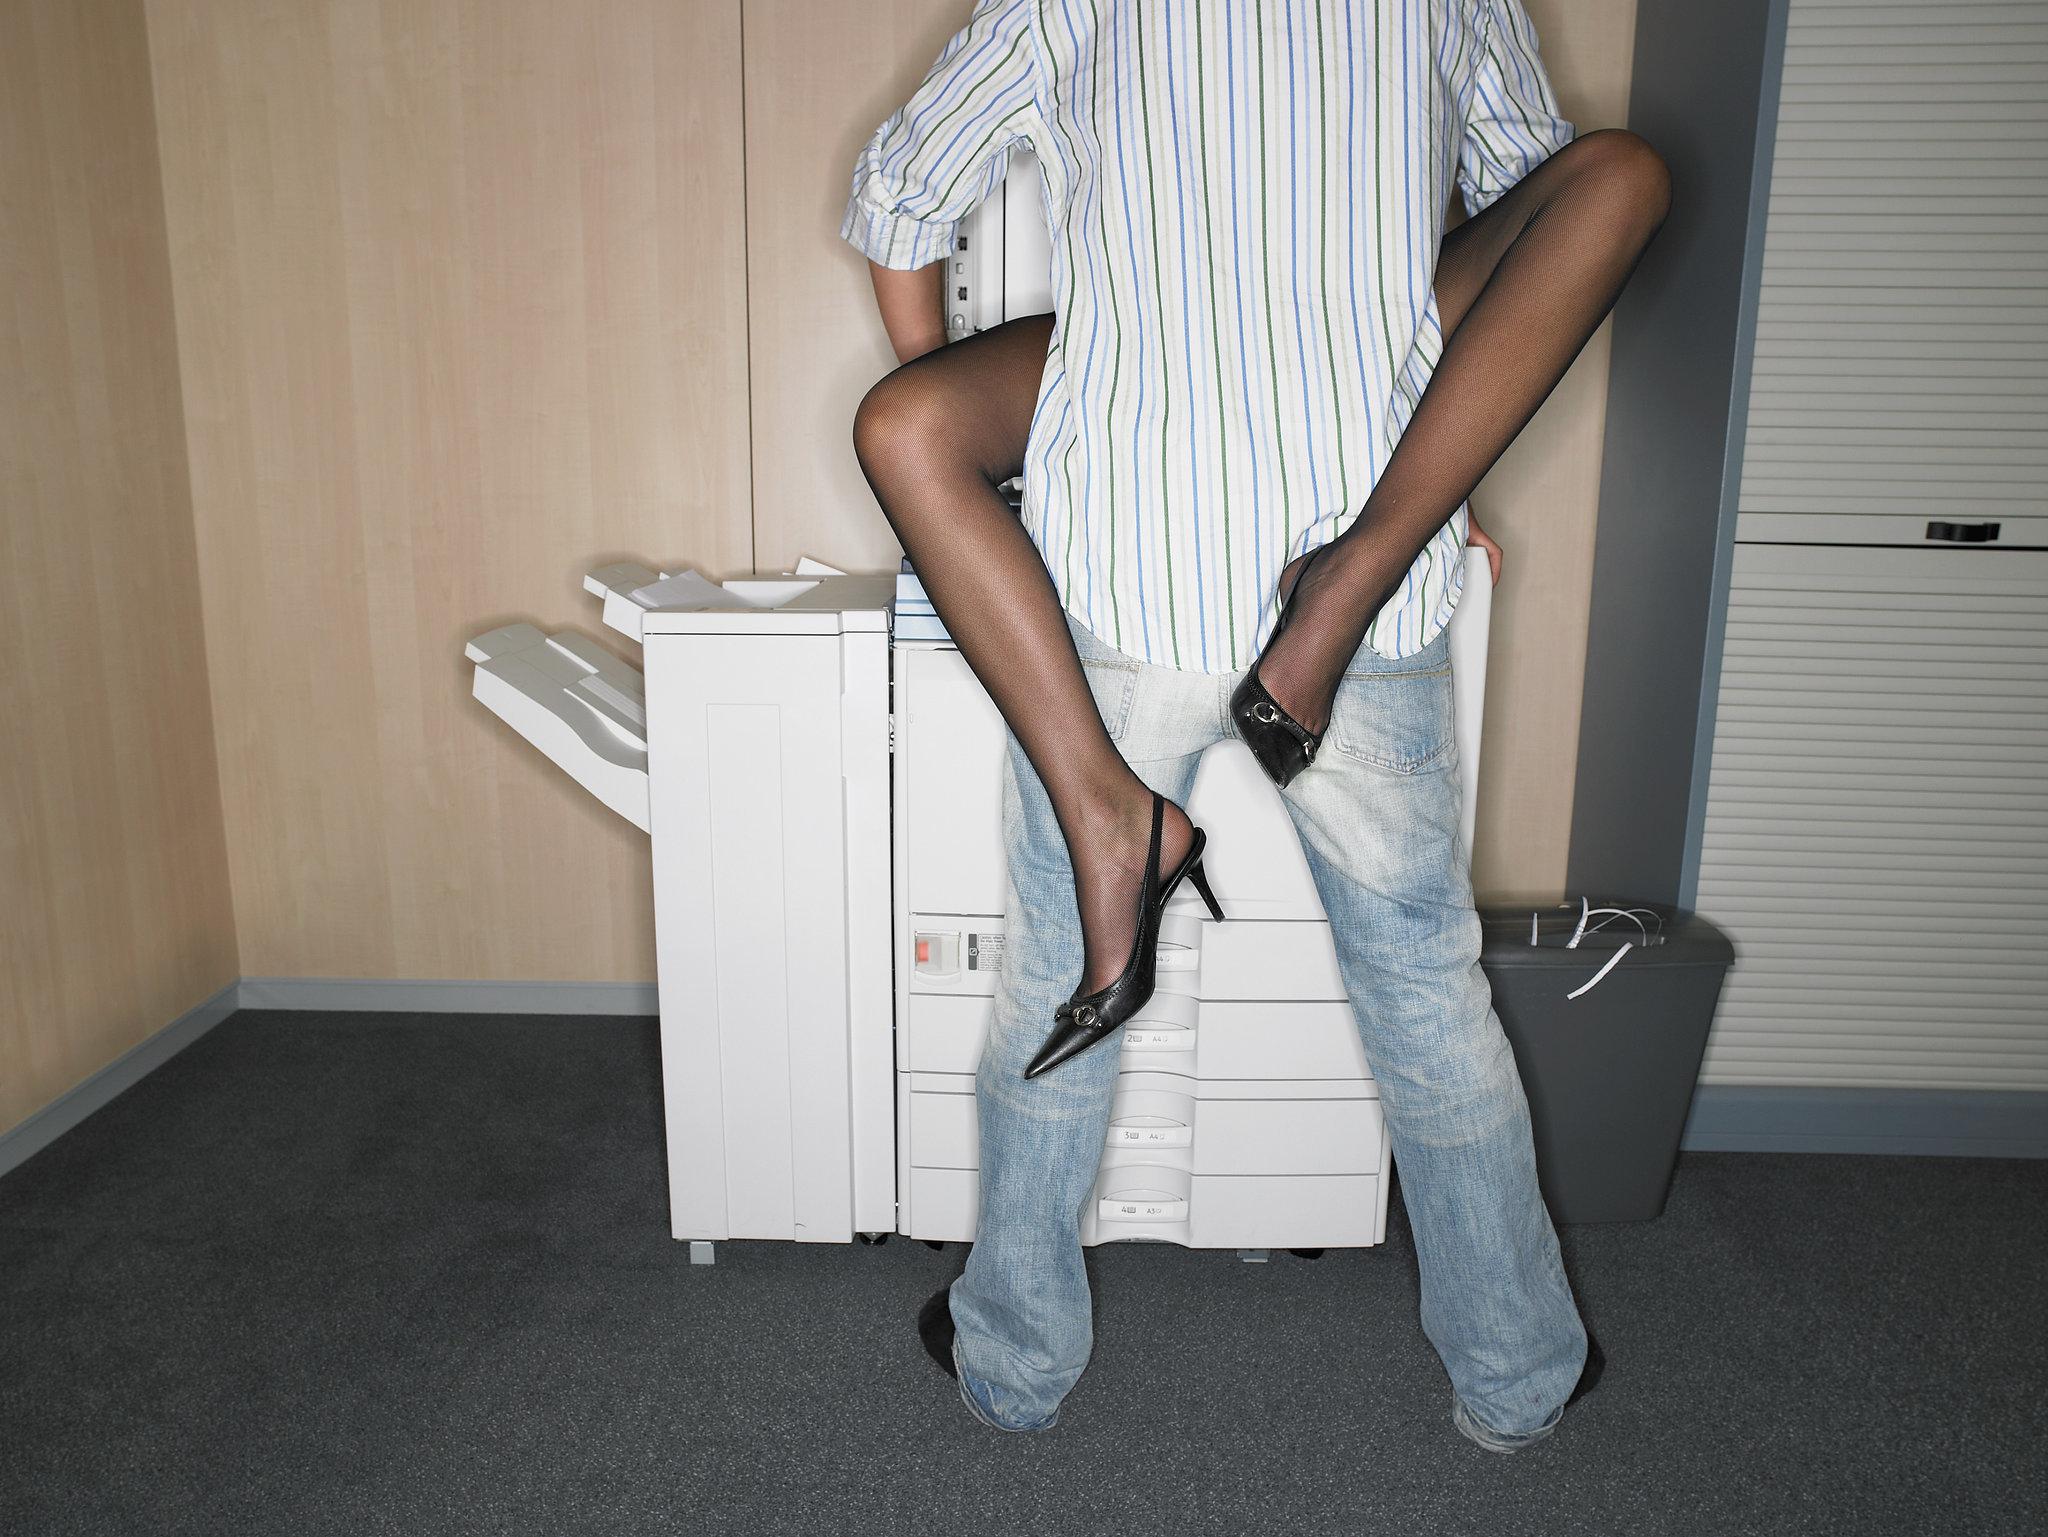 Эрорассказы на рабочем месте 7 фотография